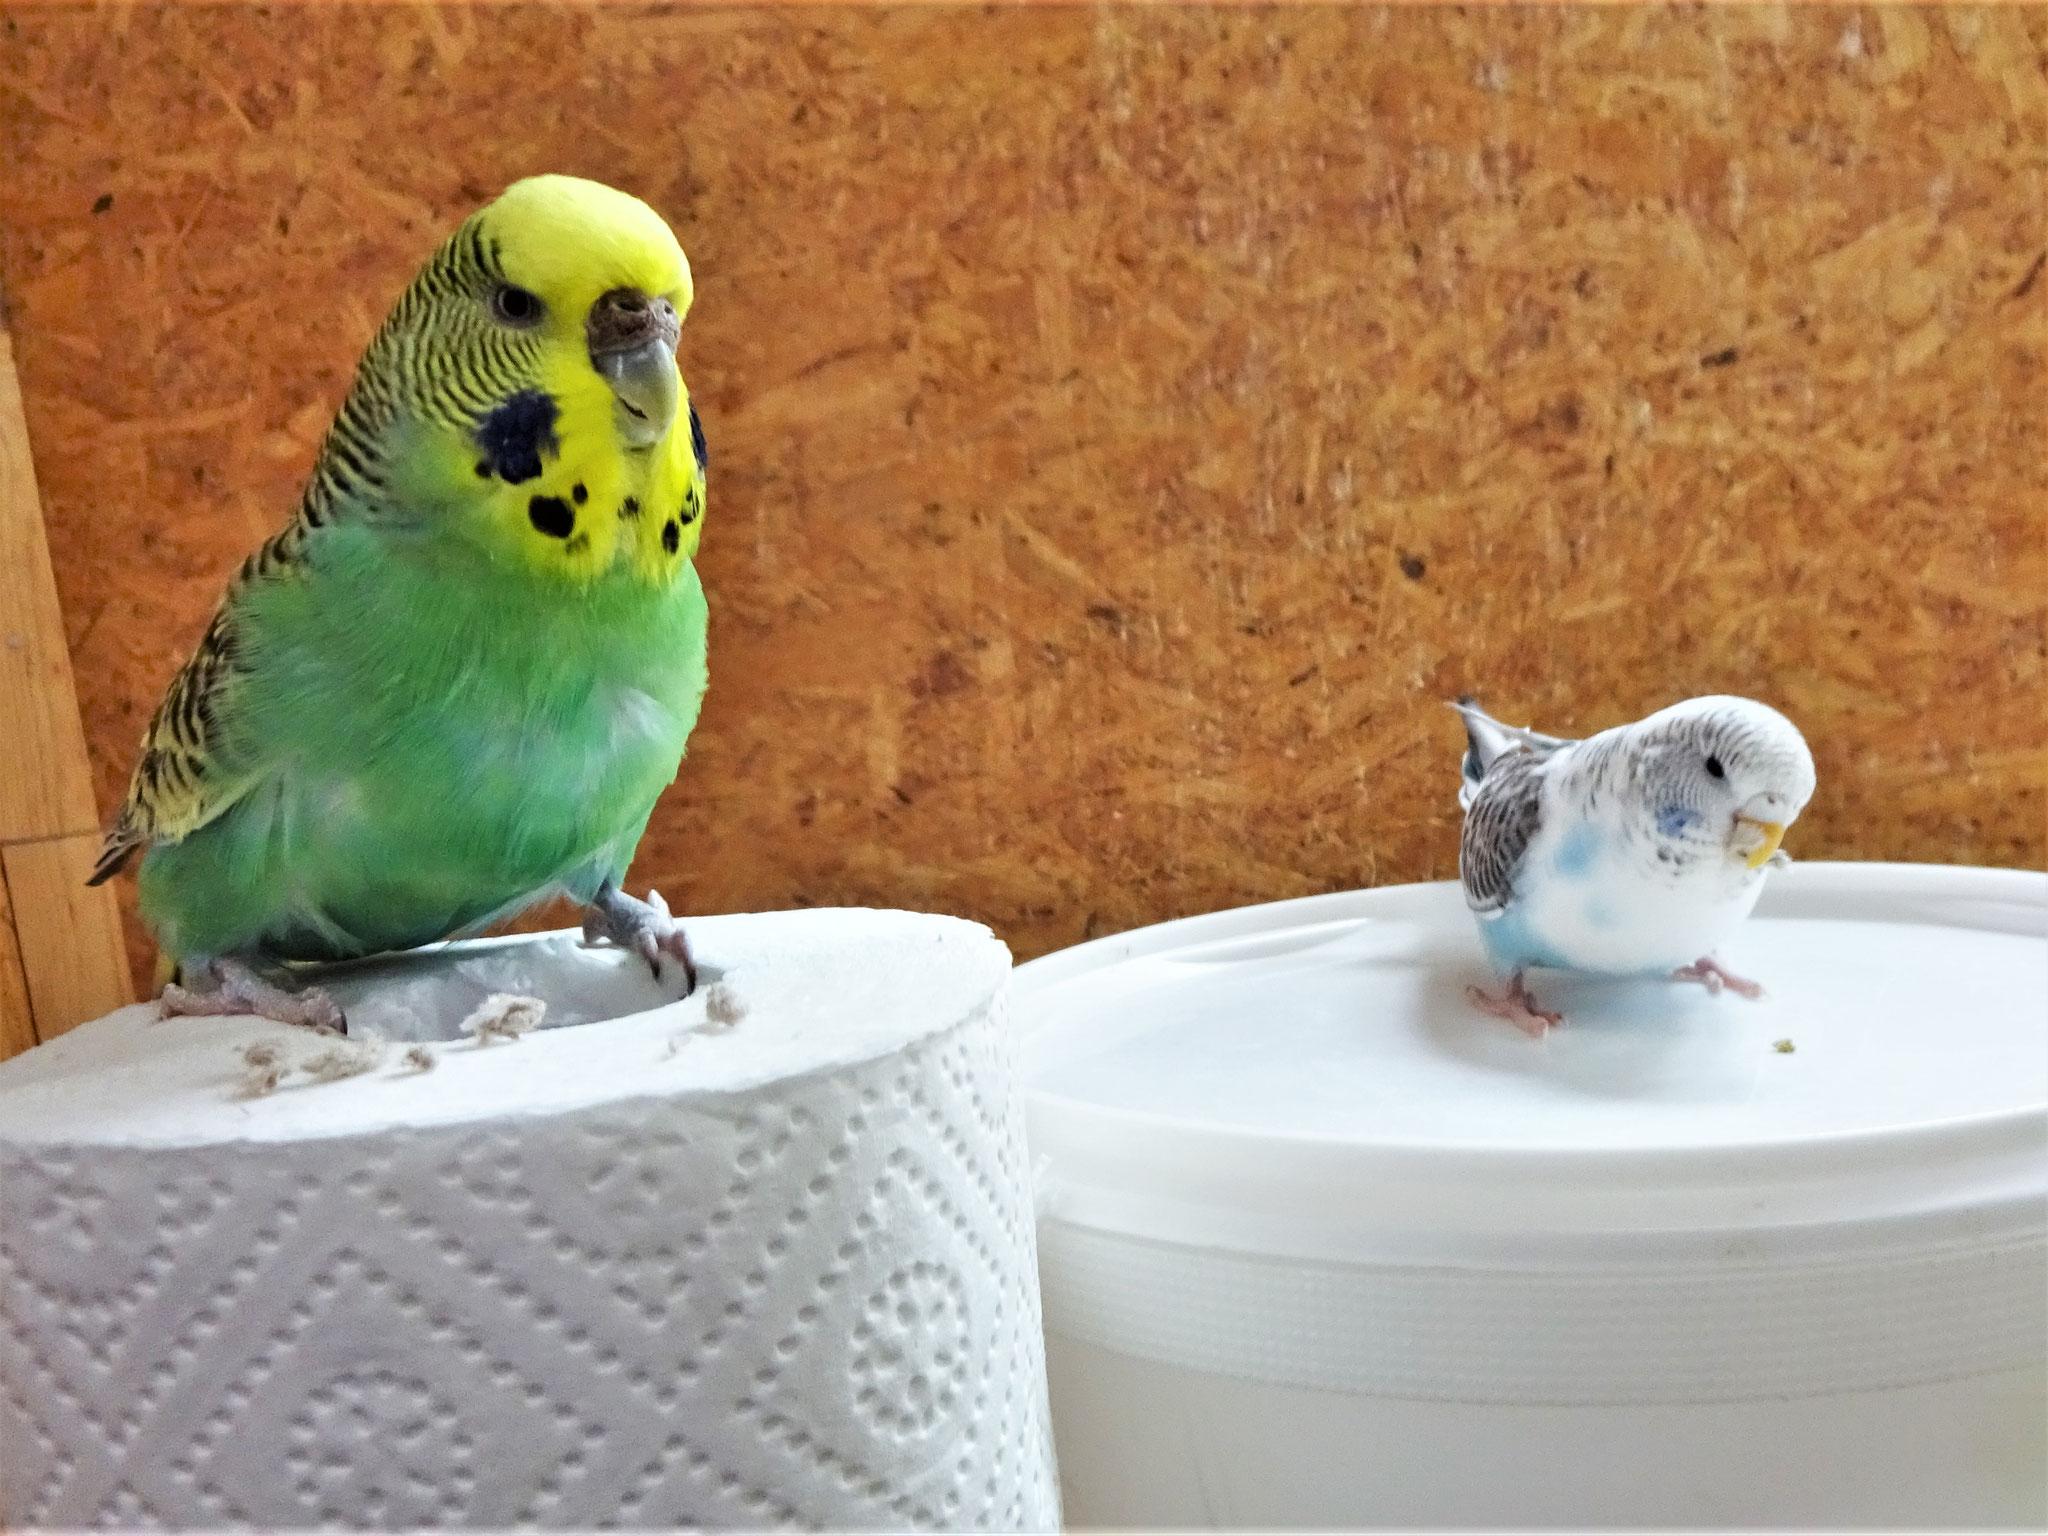 ...ups, was ist das denn für ein kleines Vögelchen?